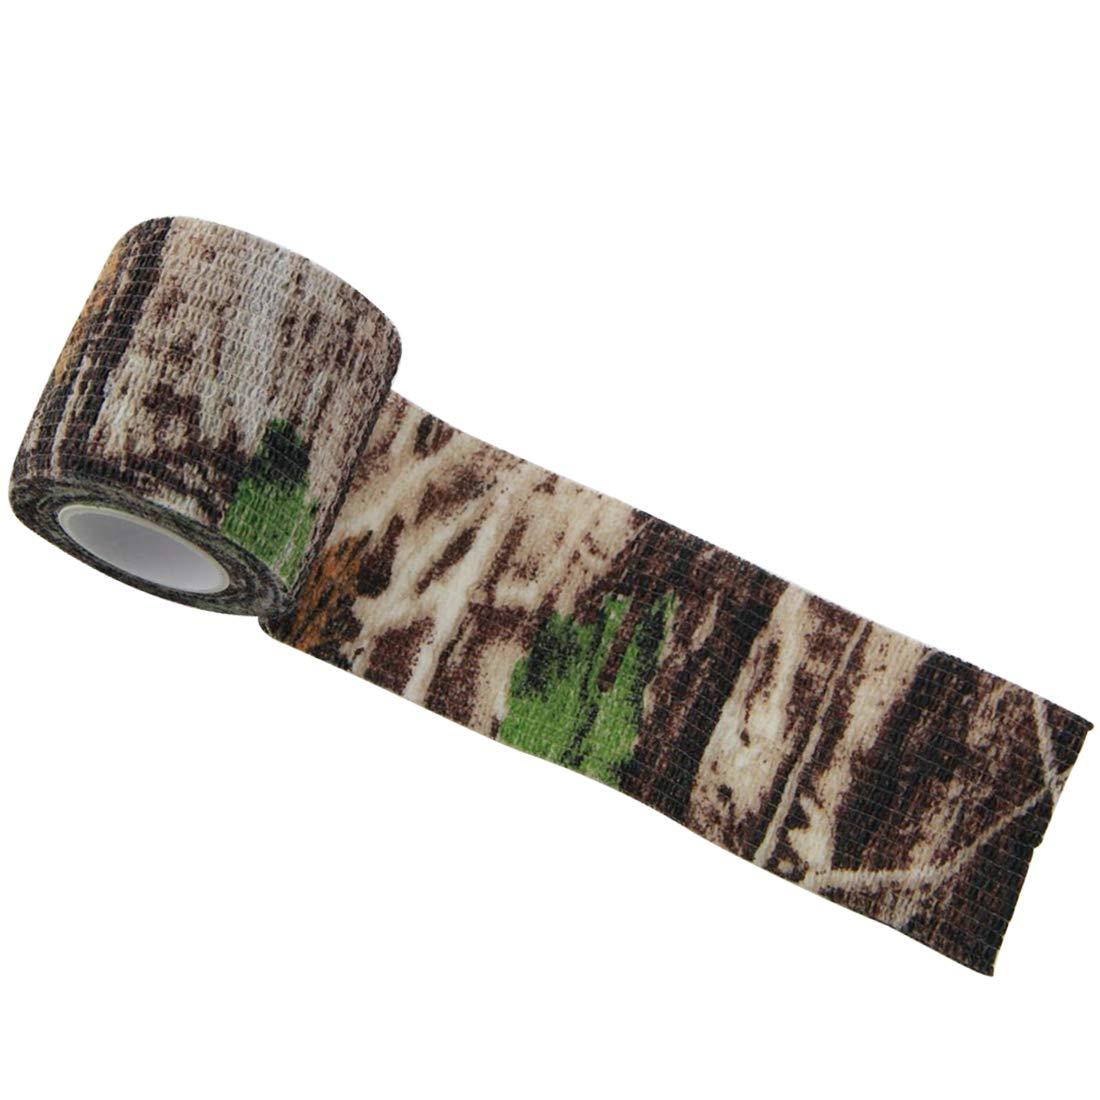 Bandage de camouflage extérieur élastique élastique auto-adhésif non tissé Respirant YOGINGO